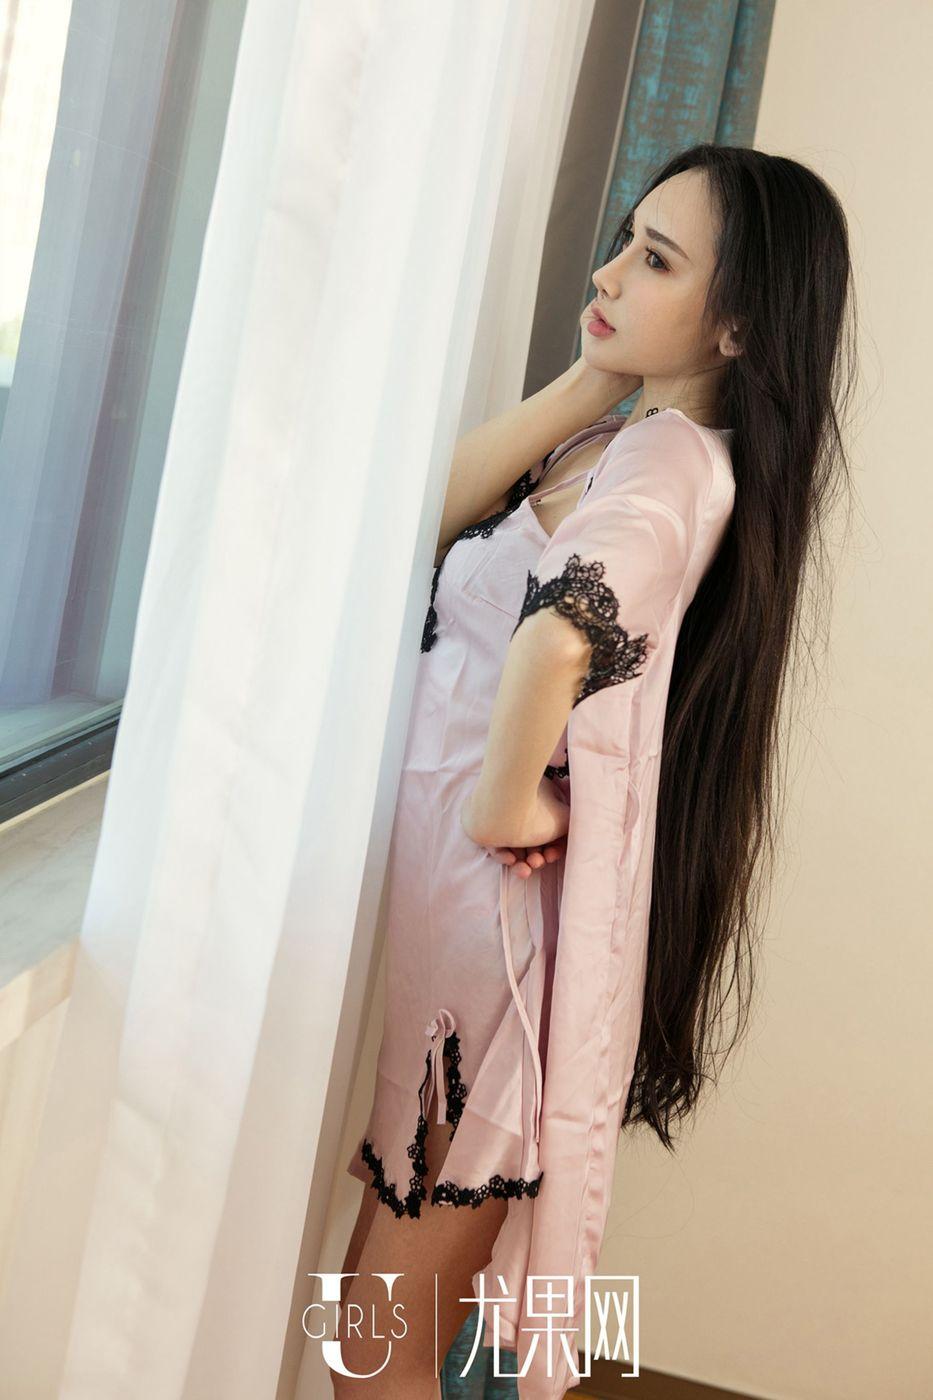 【阿依努尔瓦娅】混血异域美女阿依努尔瓦娅翘臀情趣制服人体艺术写真【45P】 制服